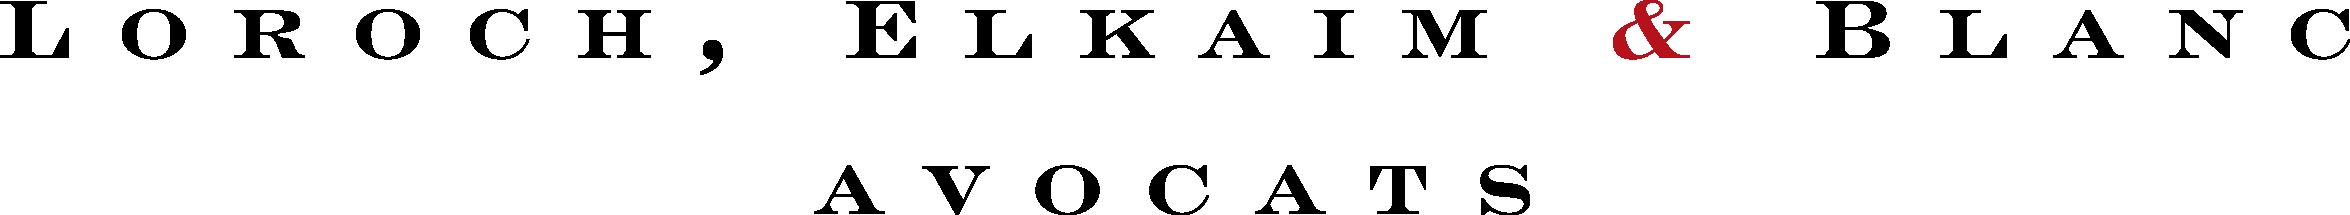 logo, etude, avocats